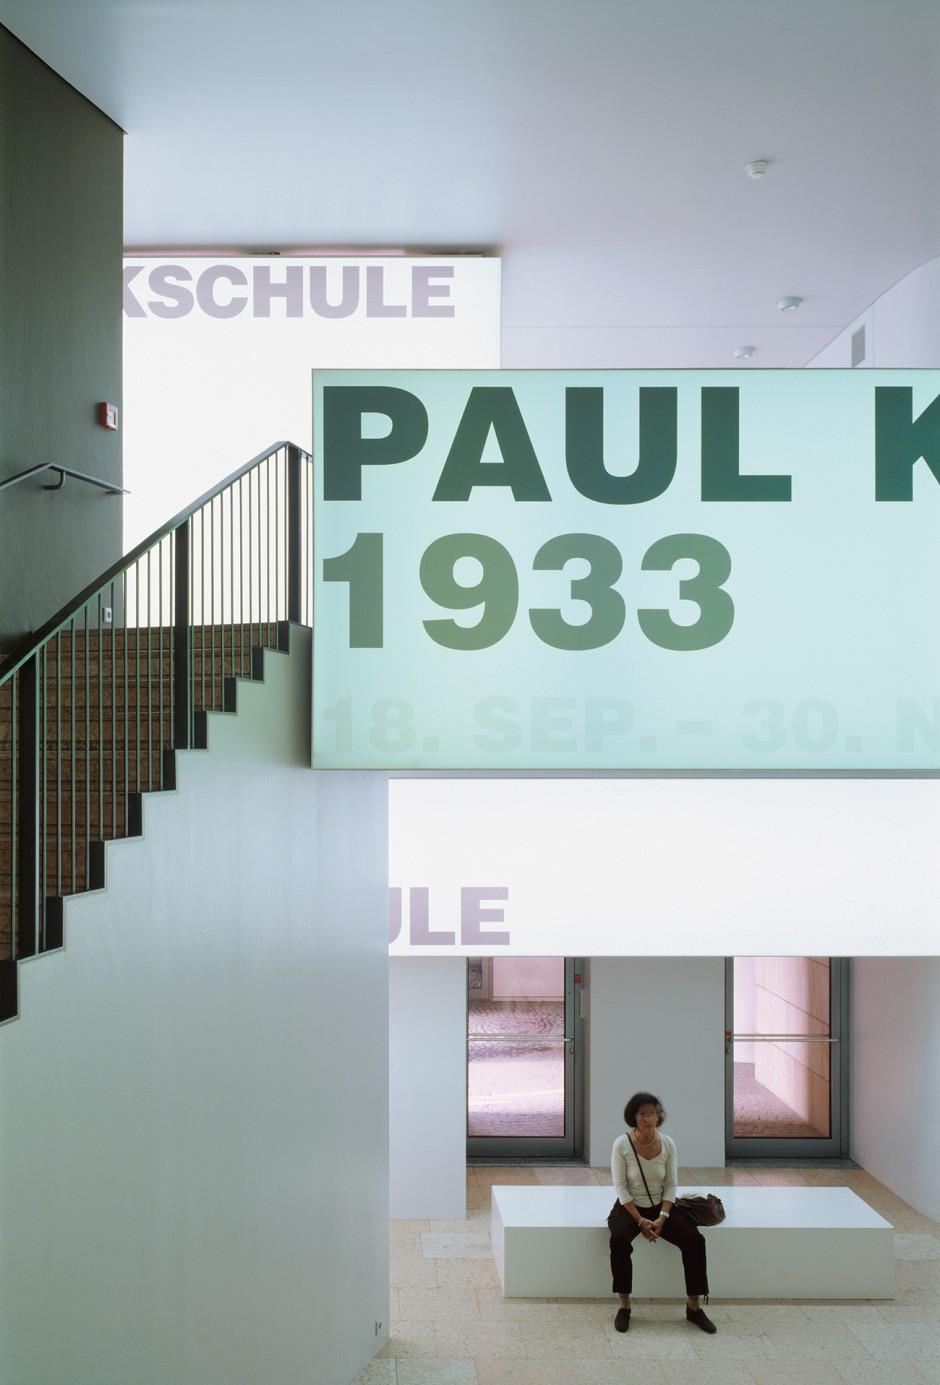 Schirn Kunsthalle Frankfurt am Main